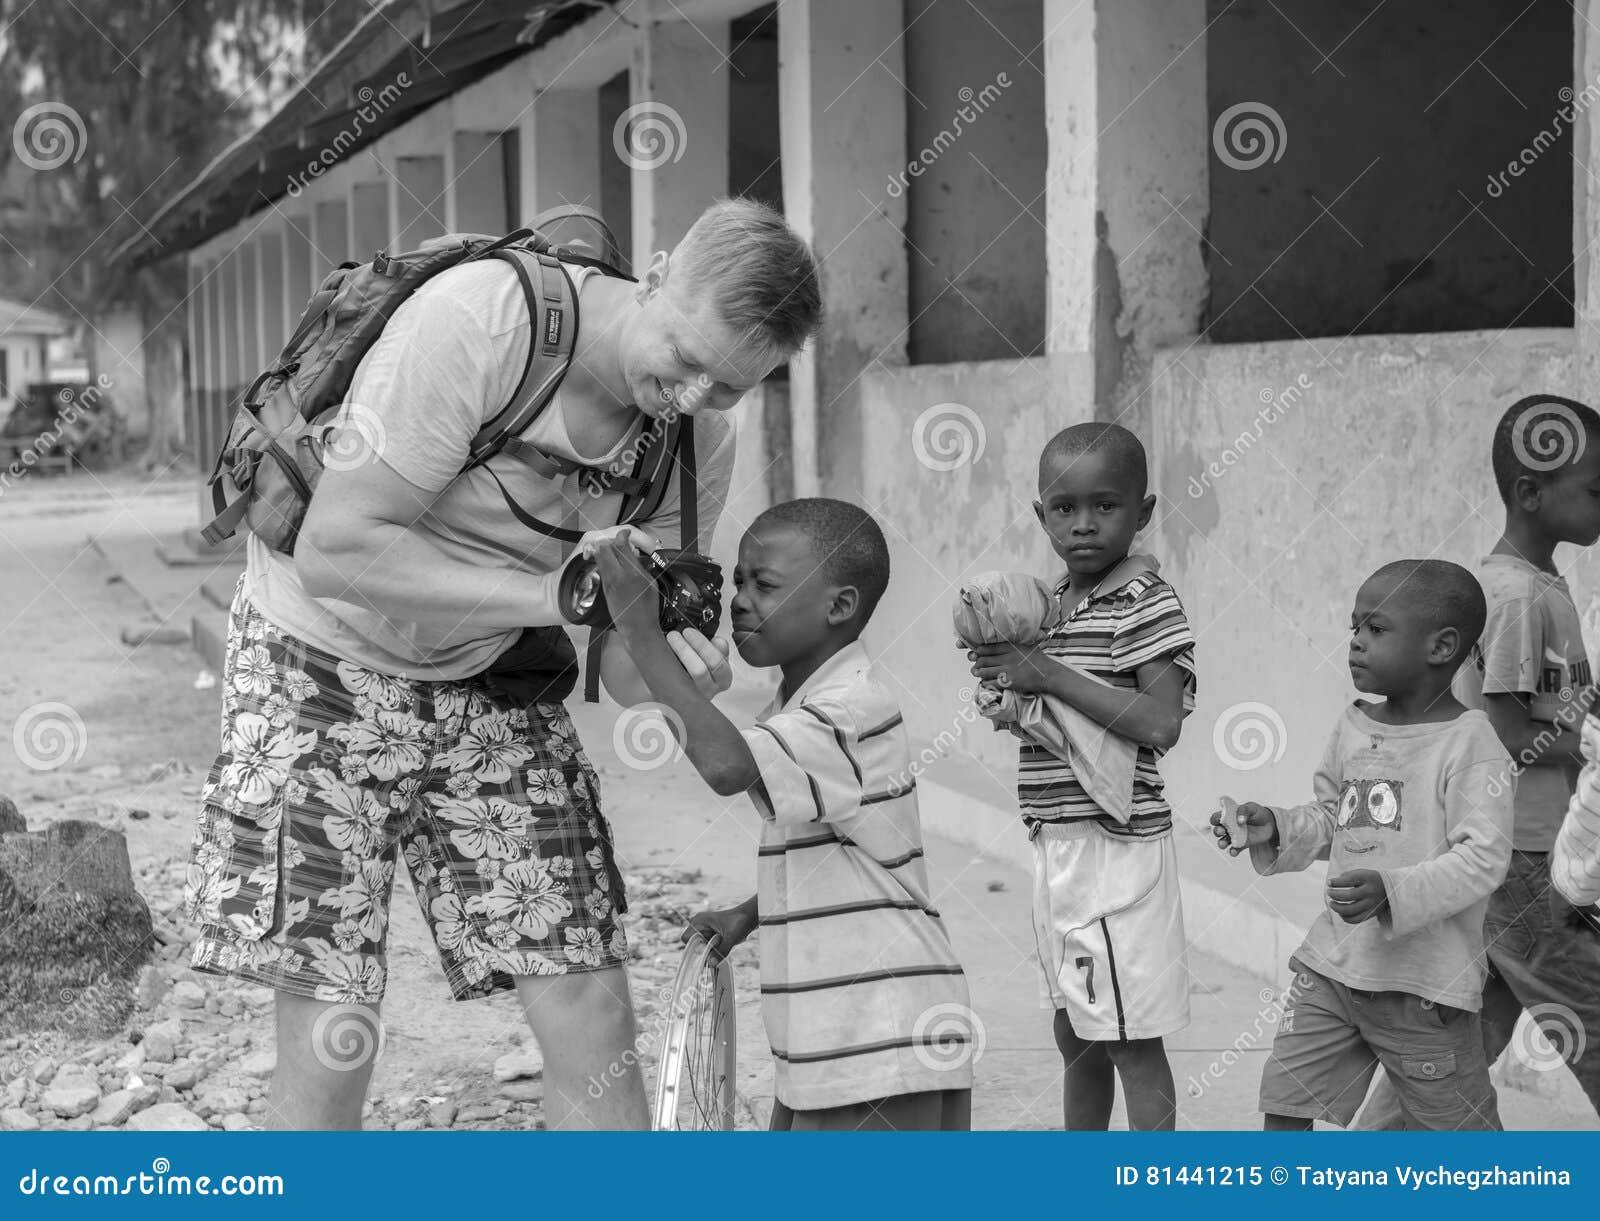 European tourist showing camera to african children